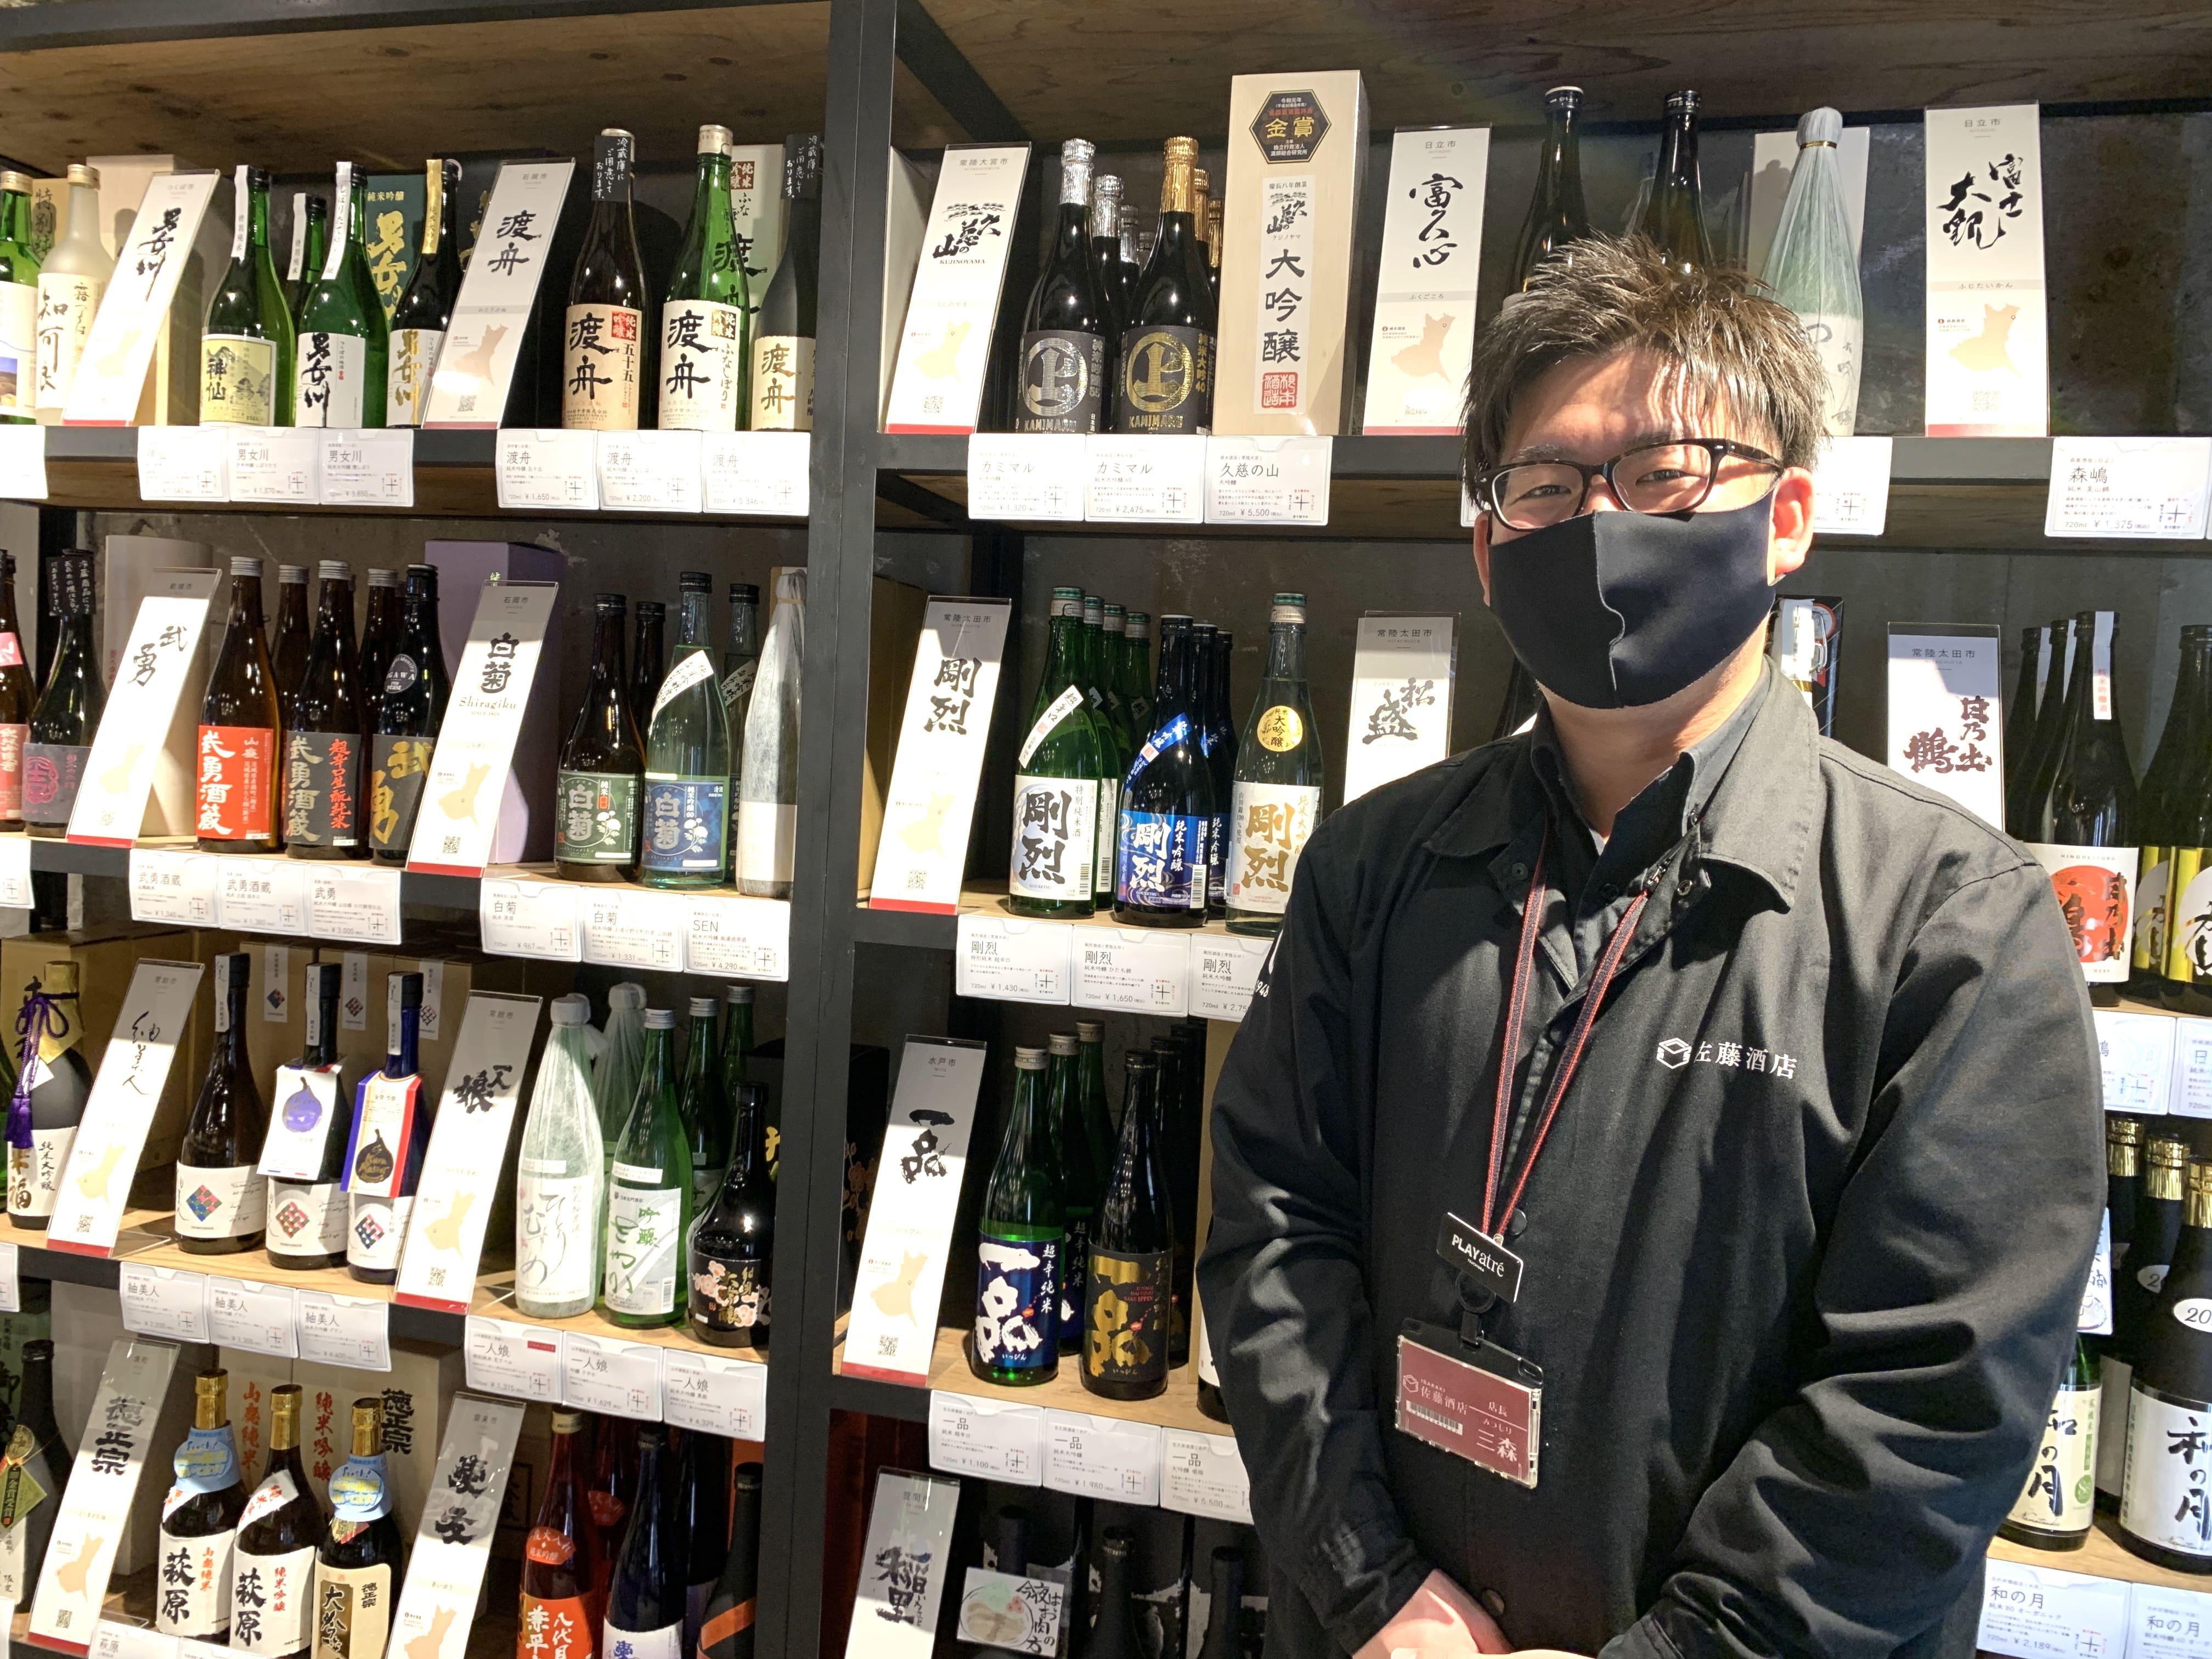 地酒が豊富に揃う「IBARAKI 佐藤酒店」の三森智啓店長。